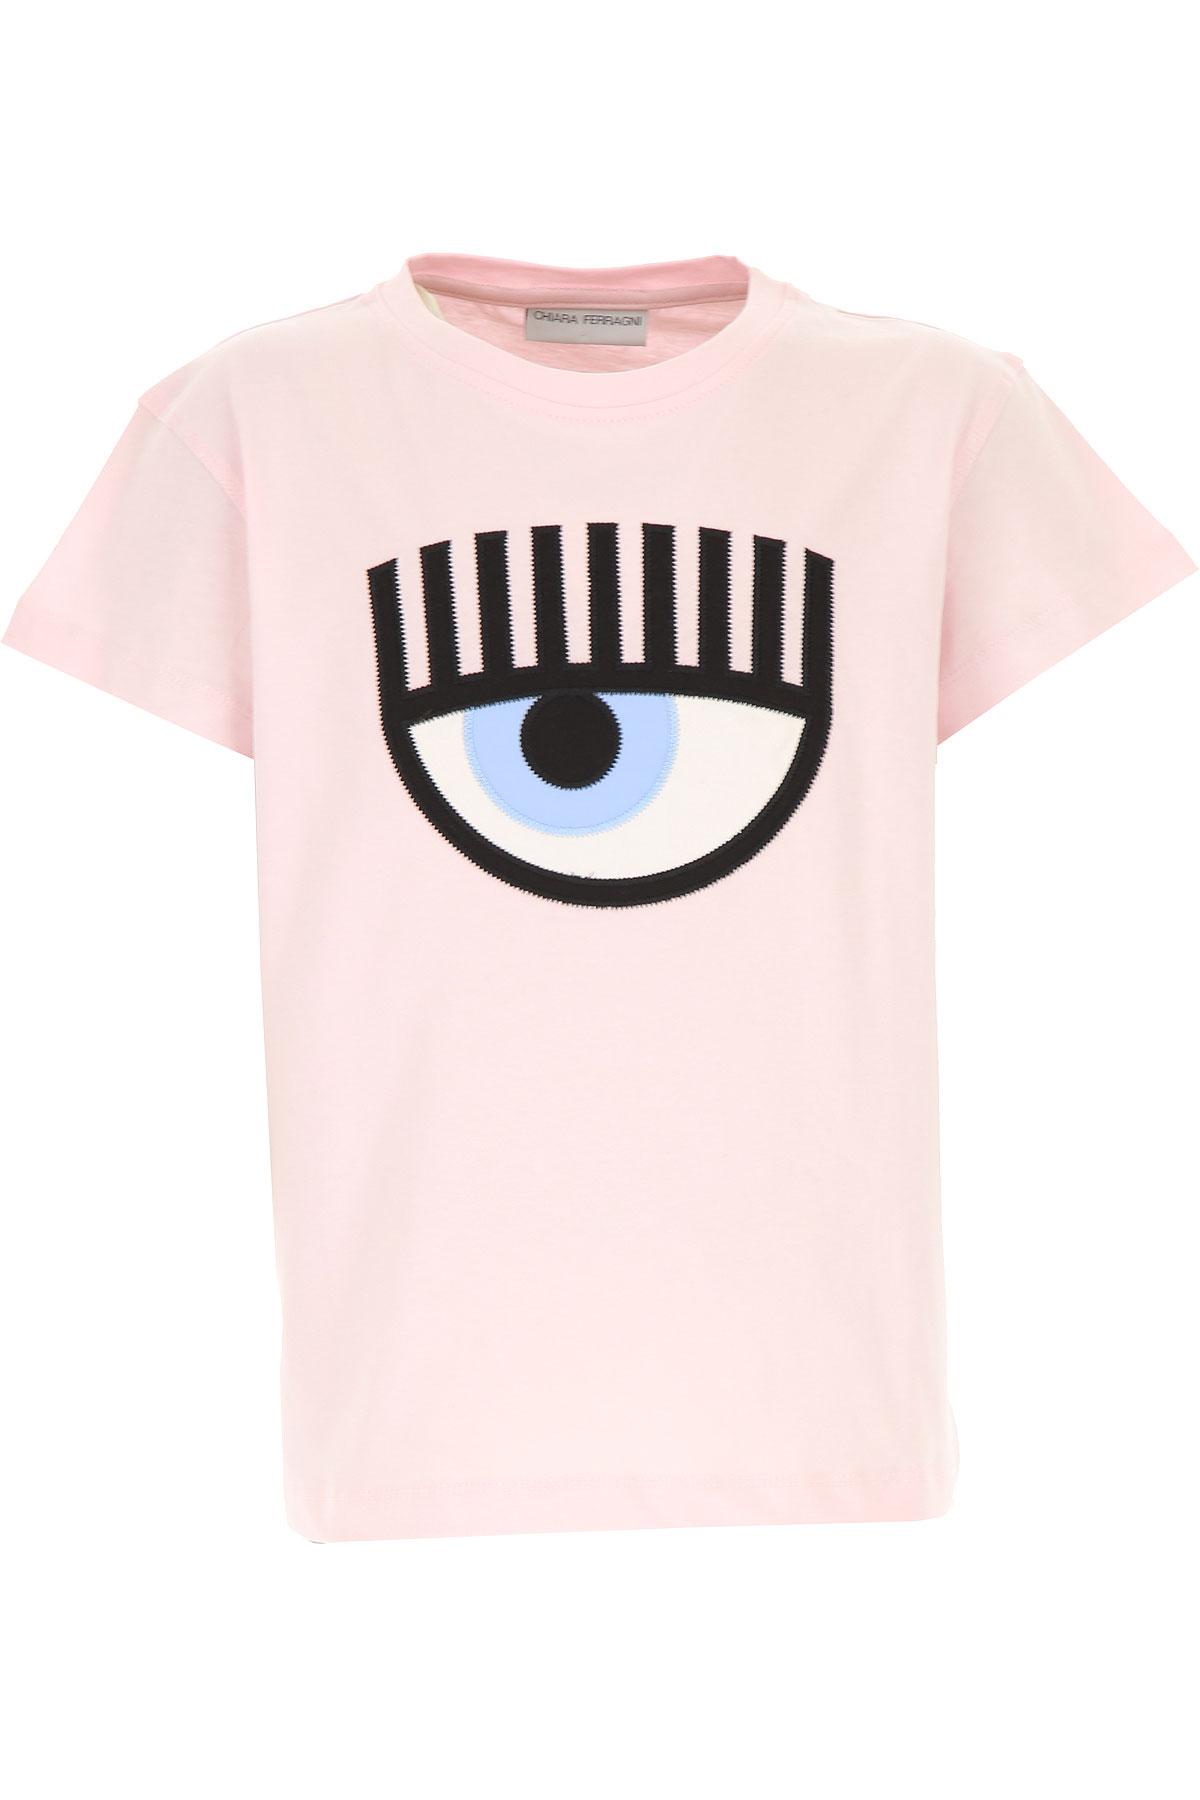 Chiara Ferragni Kids T-Shirt for Girls On Sale, Pink, Cotton, 2019, 10Y 10Y 12Y 12Y 14Y 14Y 6Y 8Y